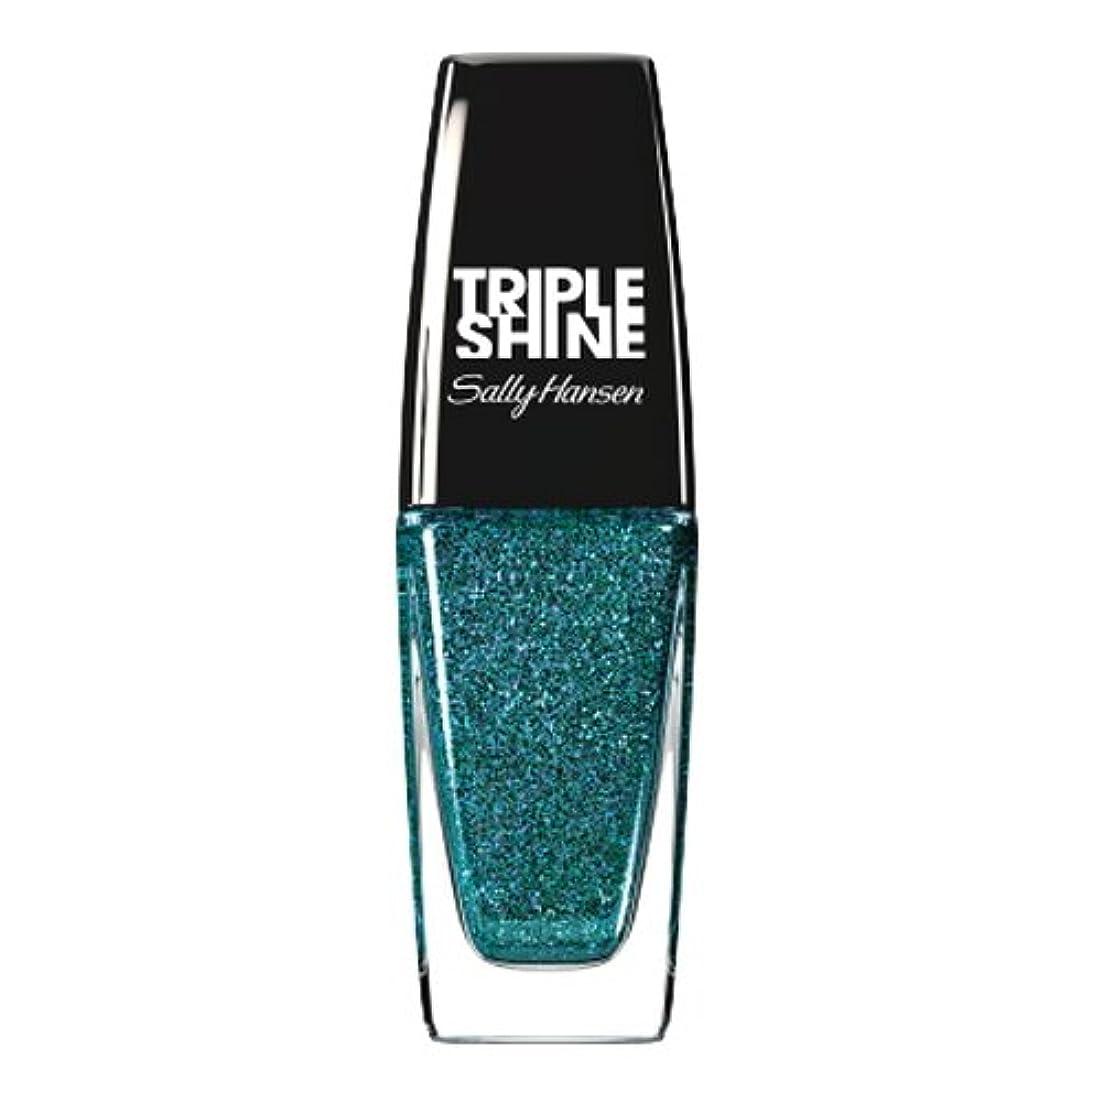 どんなときも配置苦しむSALLY HANSEN Triple Shine Nail Polish - Sparkling Water (並行輸入品)